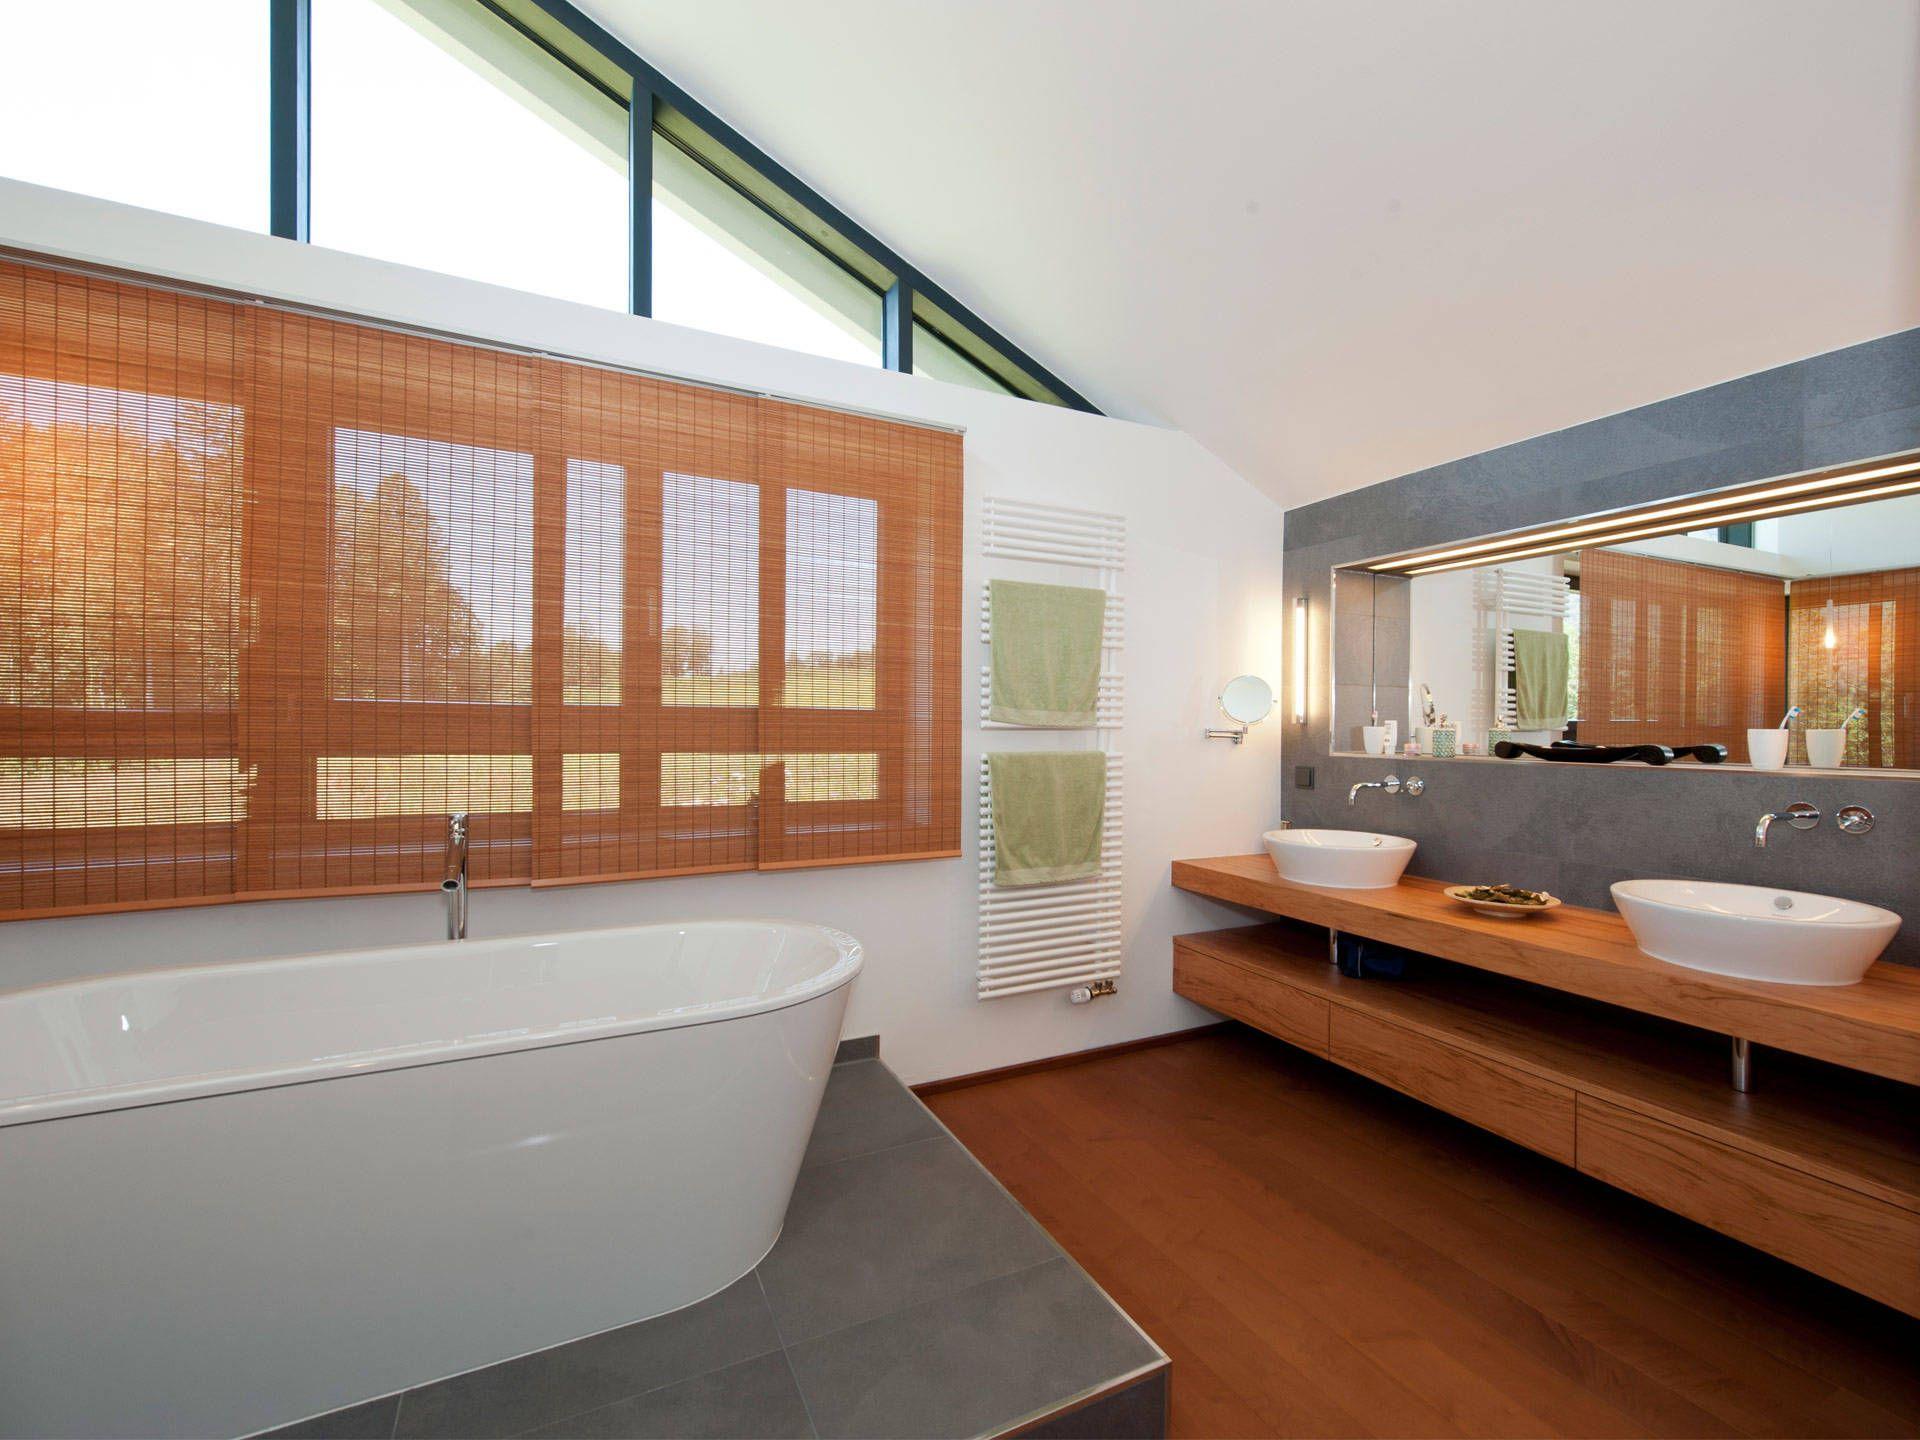 Traum badezimmer ~ Badezimmer im haus eliasch von baufritz hier mehr informationen